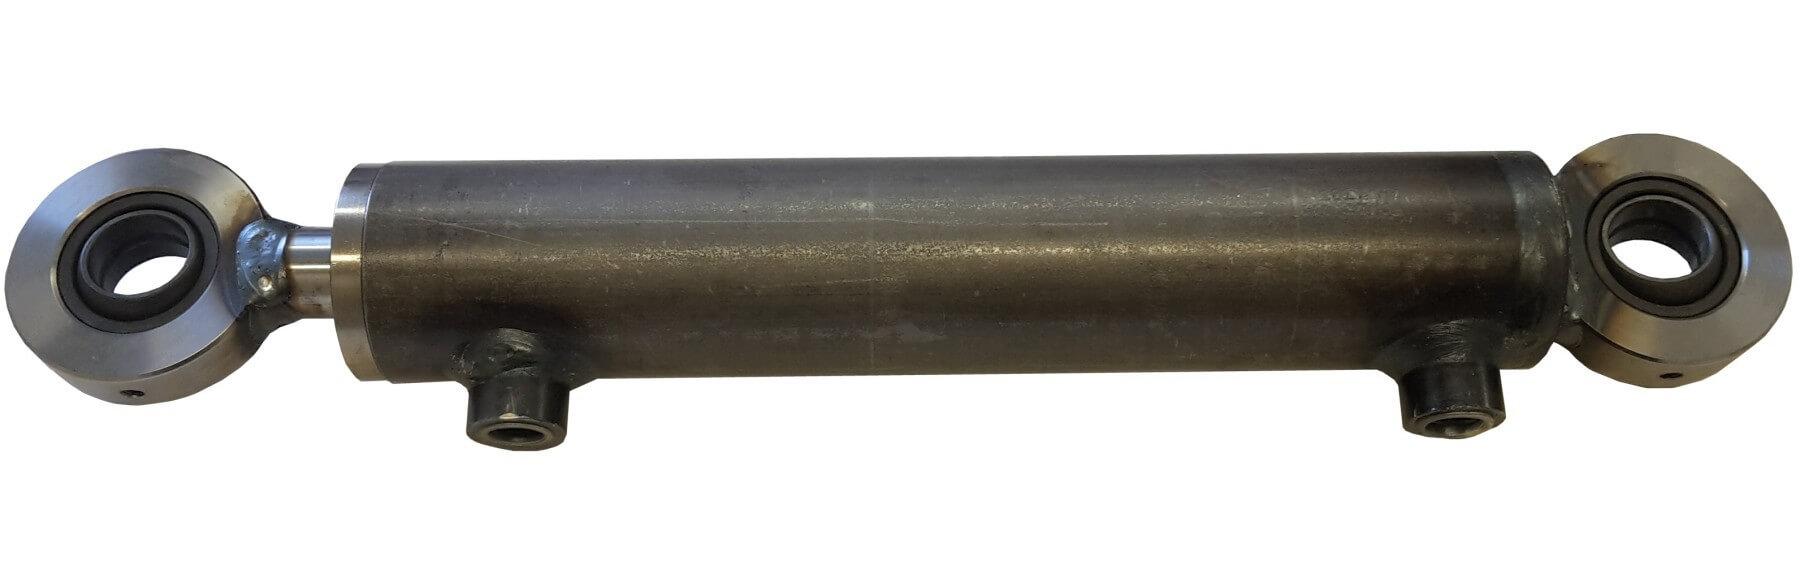 Hydraulisylinteri CL 70. 40. 400 GE - Kailatec Oy Verkkokauppa